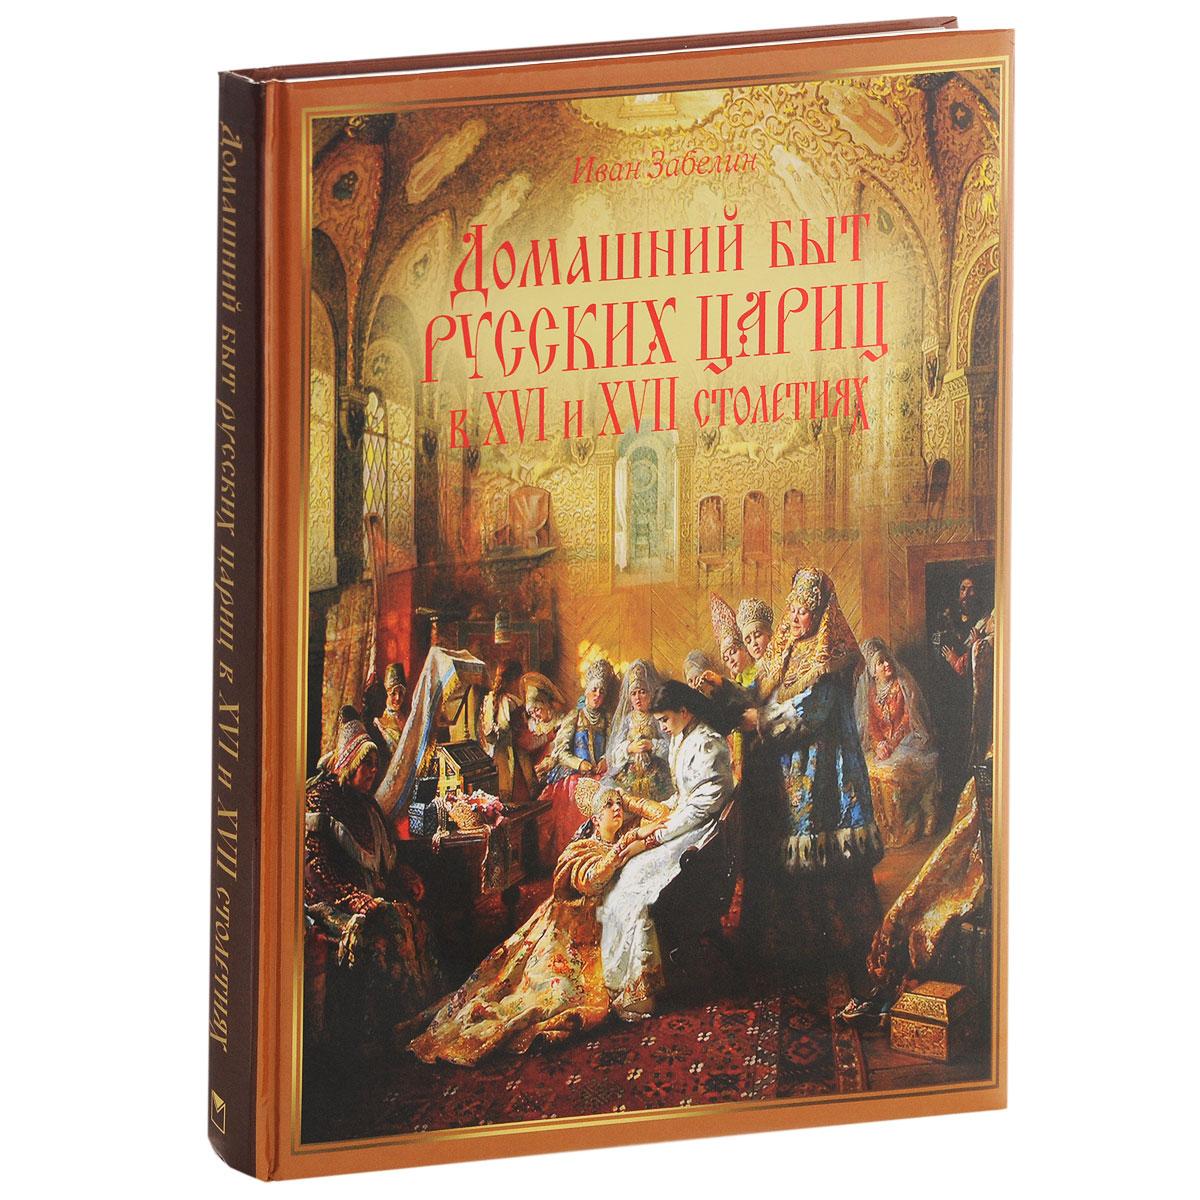 Домашний быт русских цариц в XVI-XVII столетиях